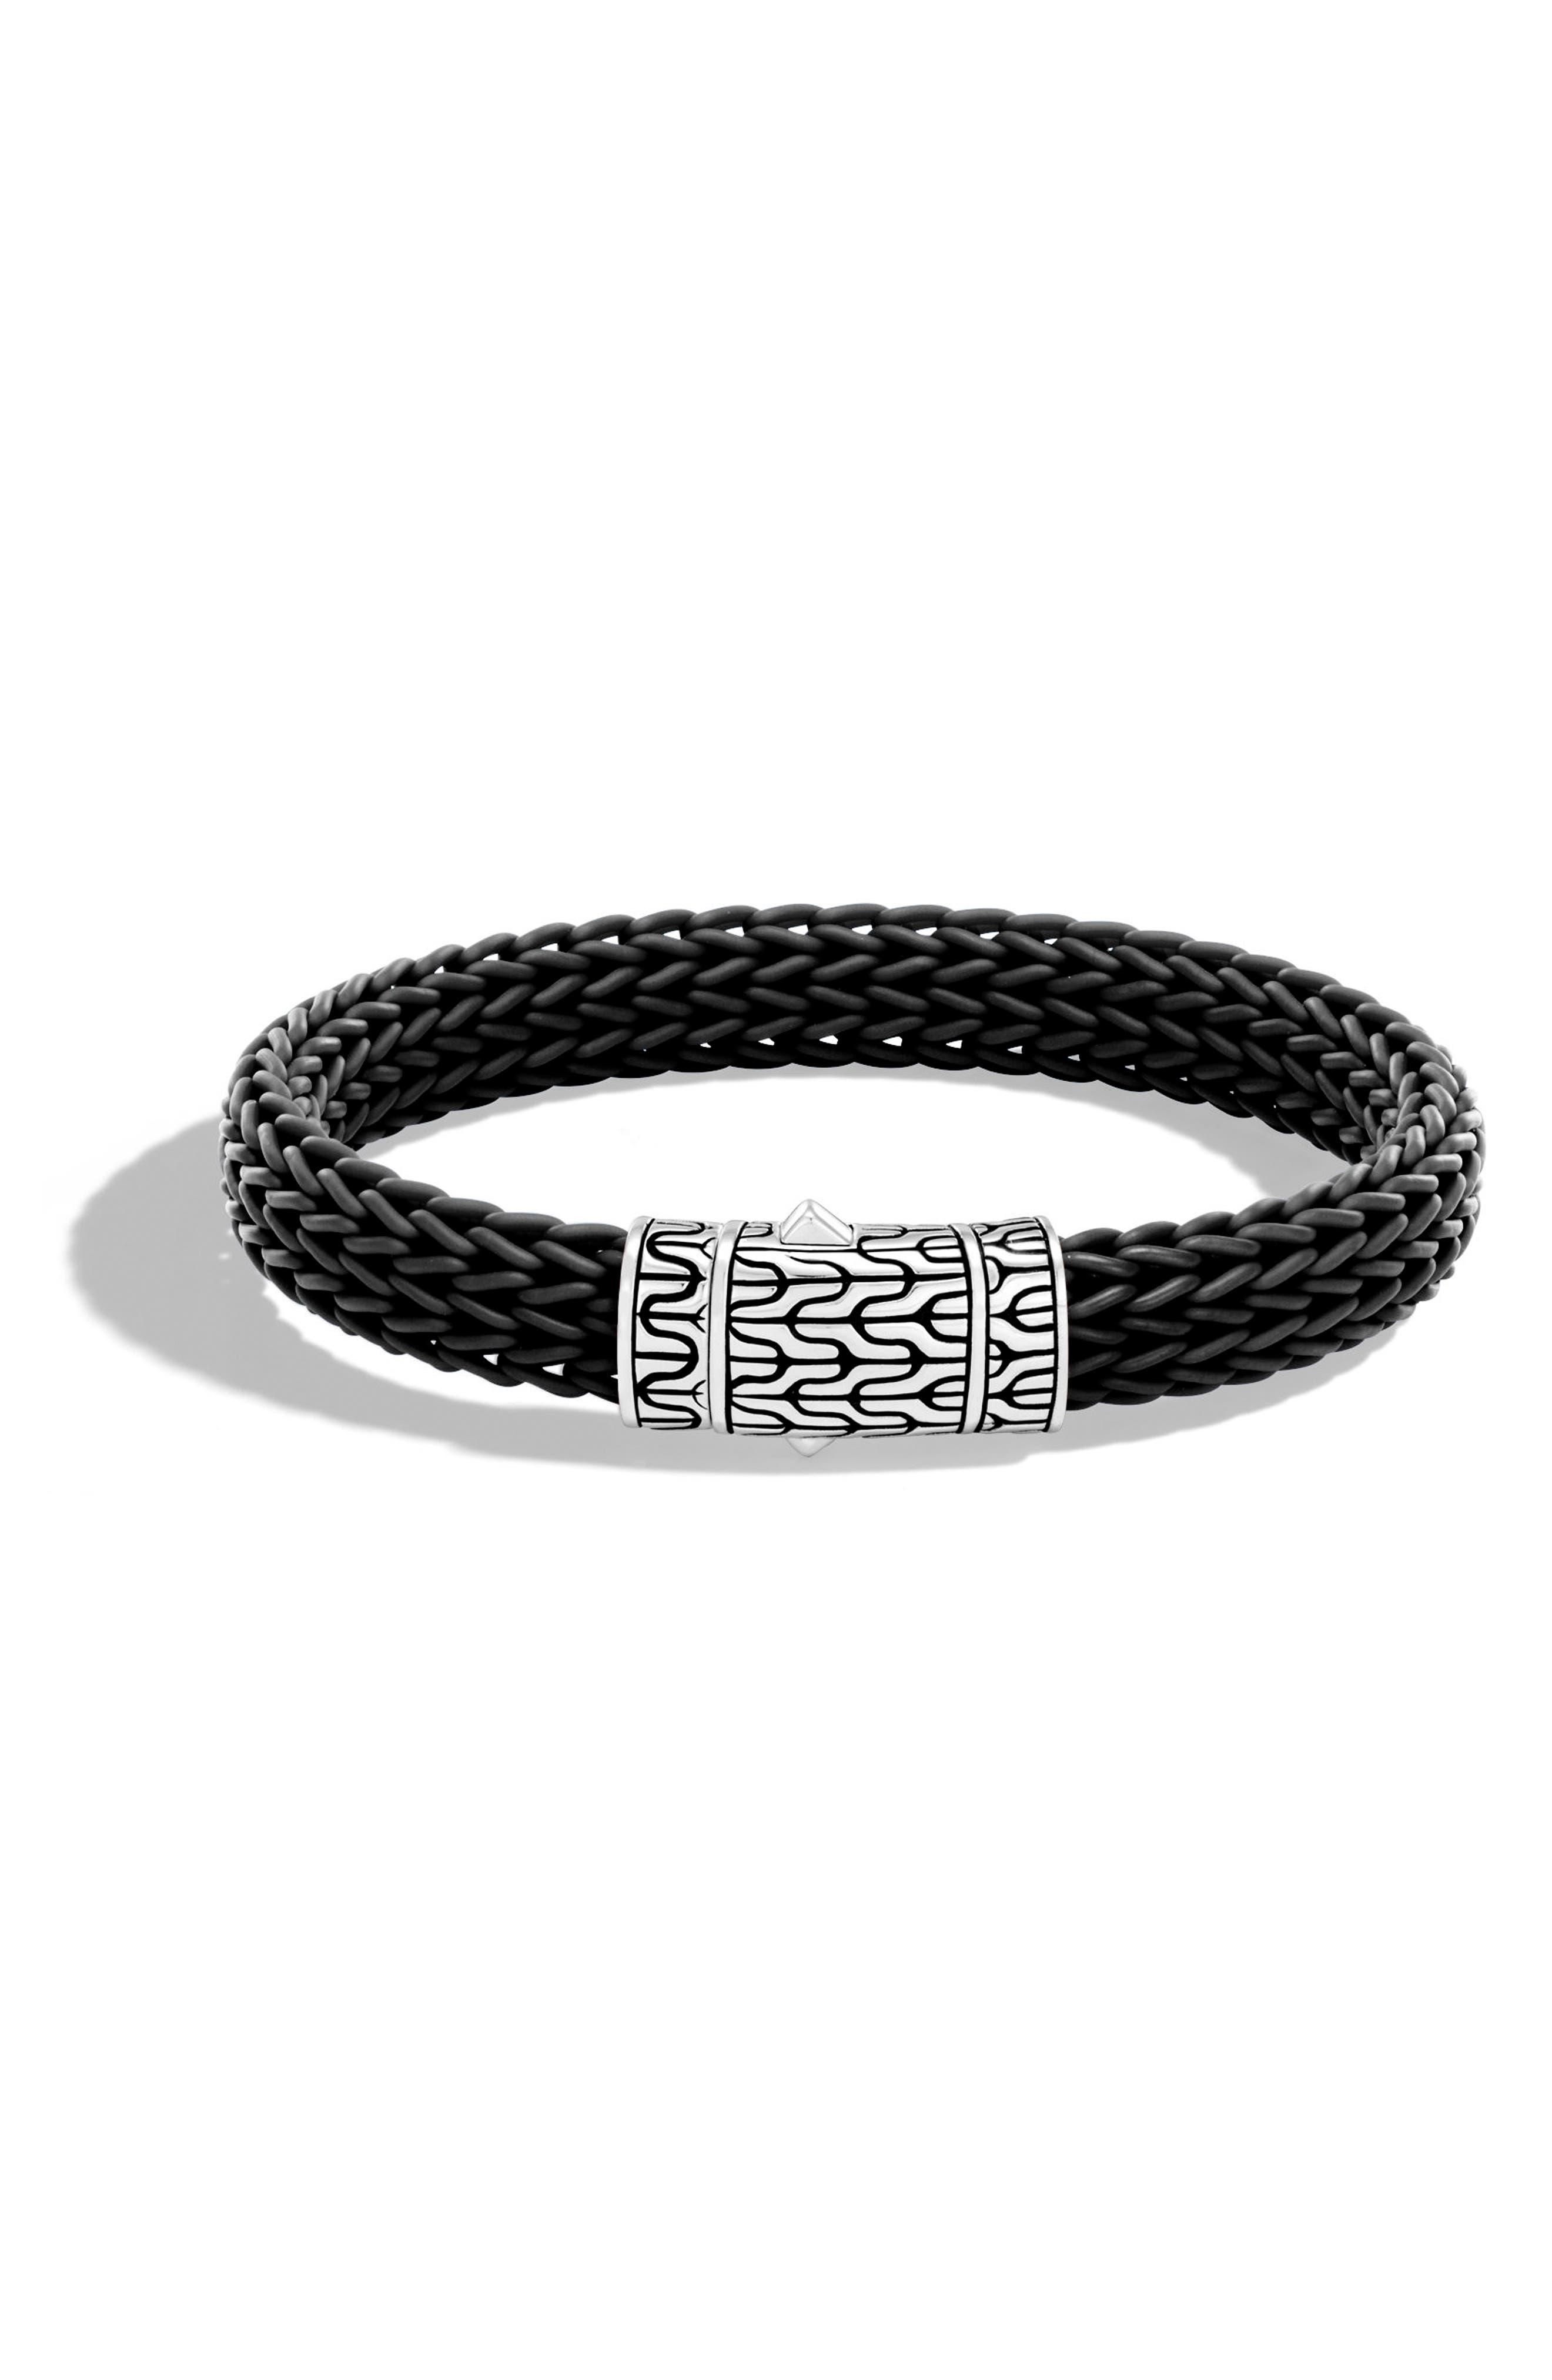 Classic Silver Rubber Chain Bracelet, Main, color, 040